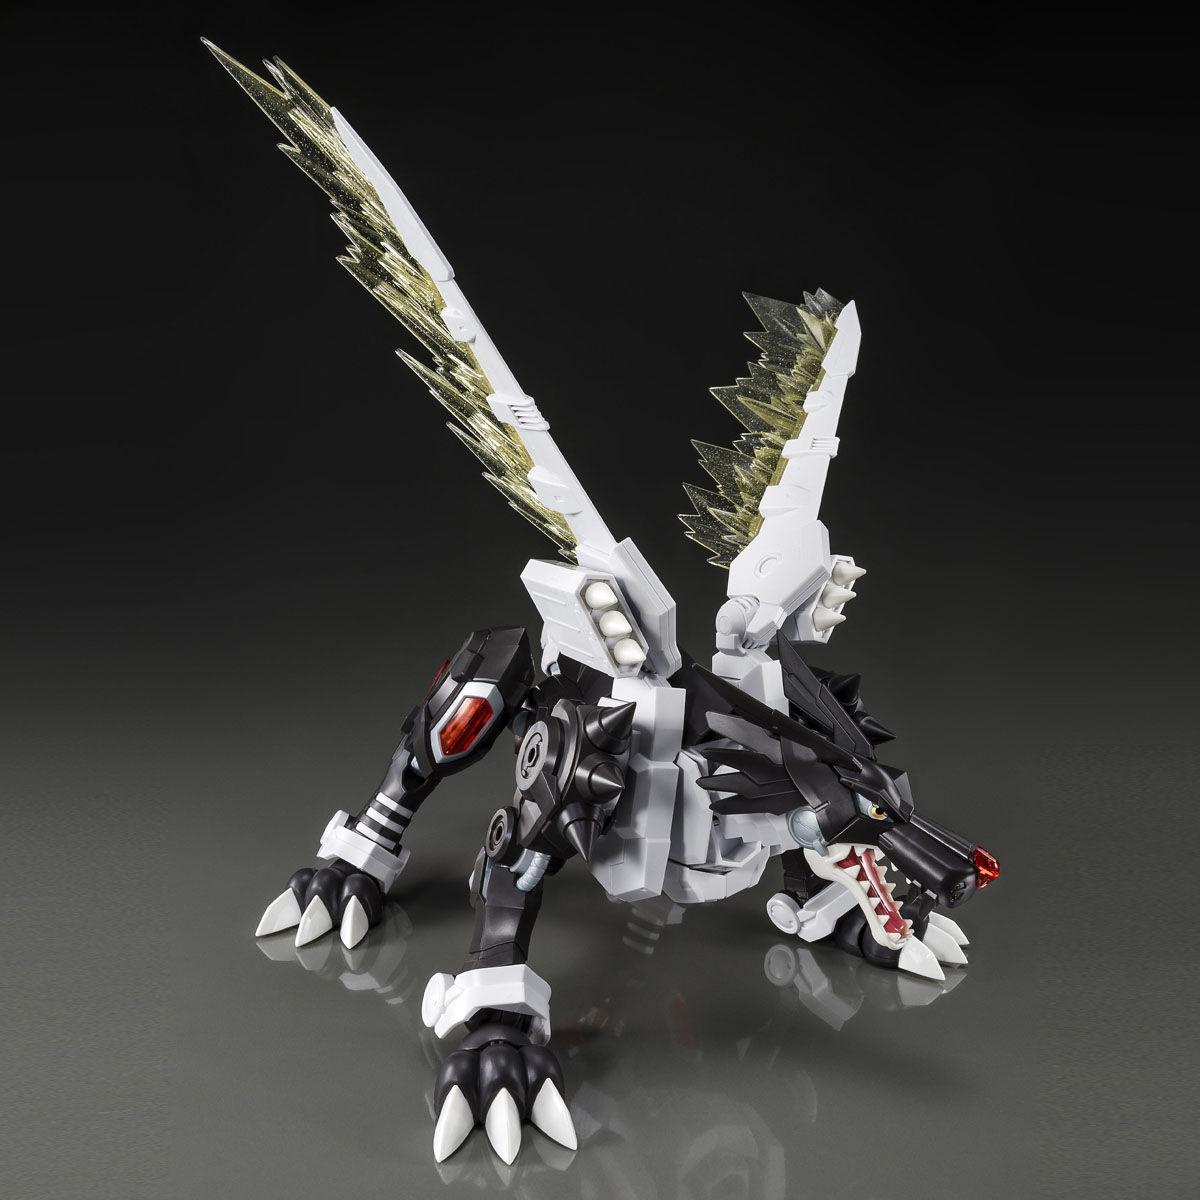 【限定販売】Figure-rise Standard Amplified『メタルガルルモン(ブラックVer.)』プラモデル-005